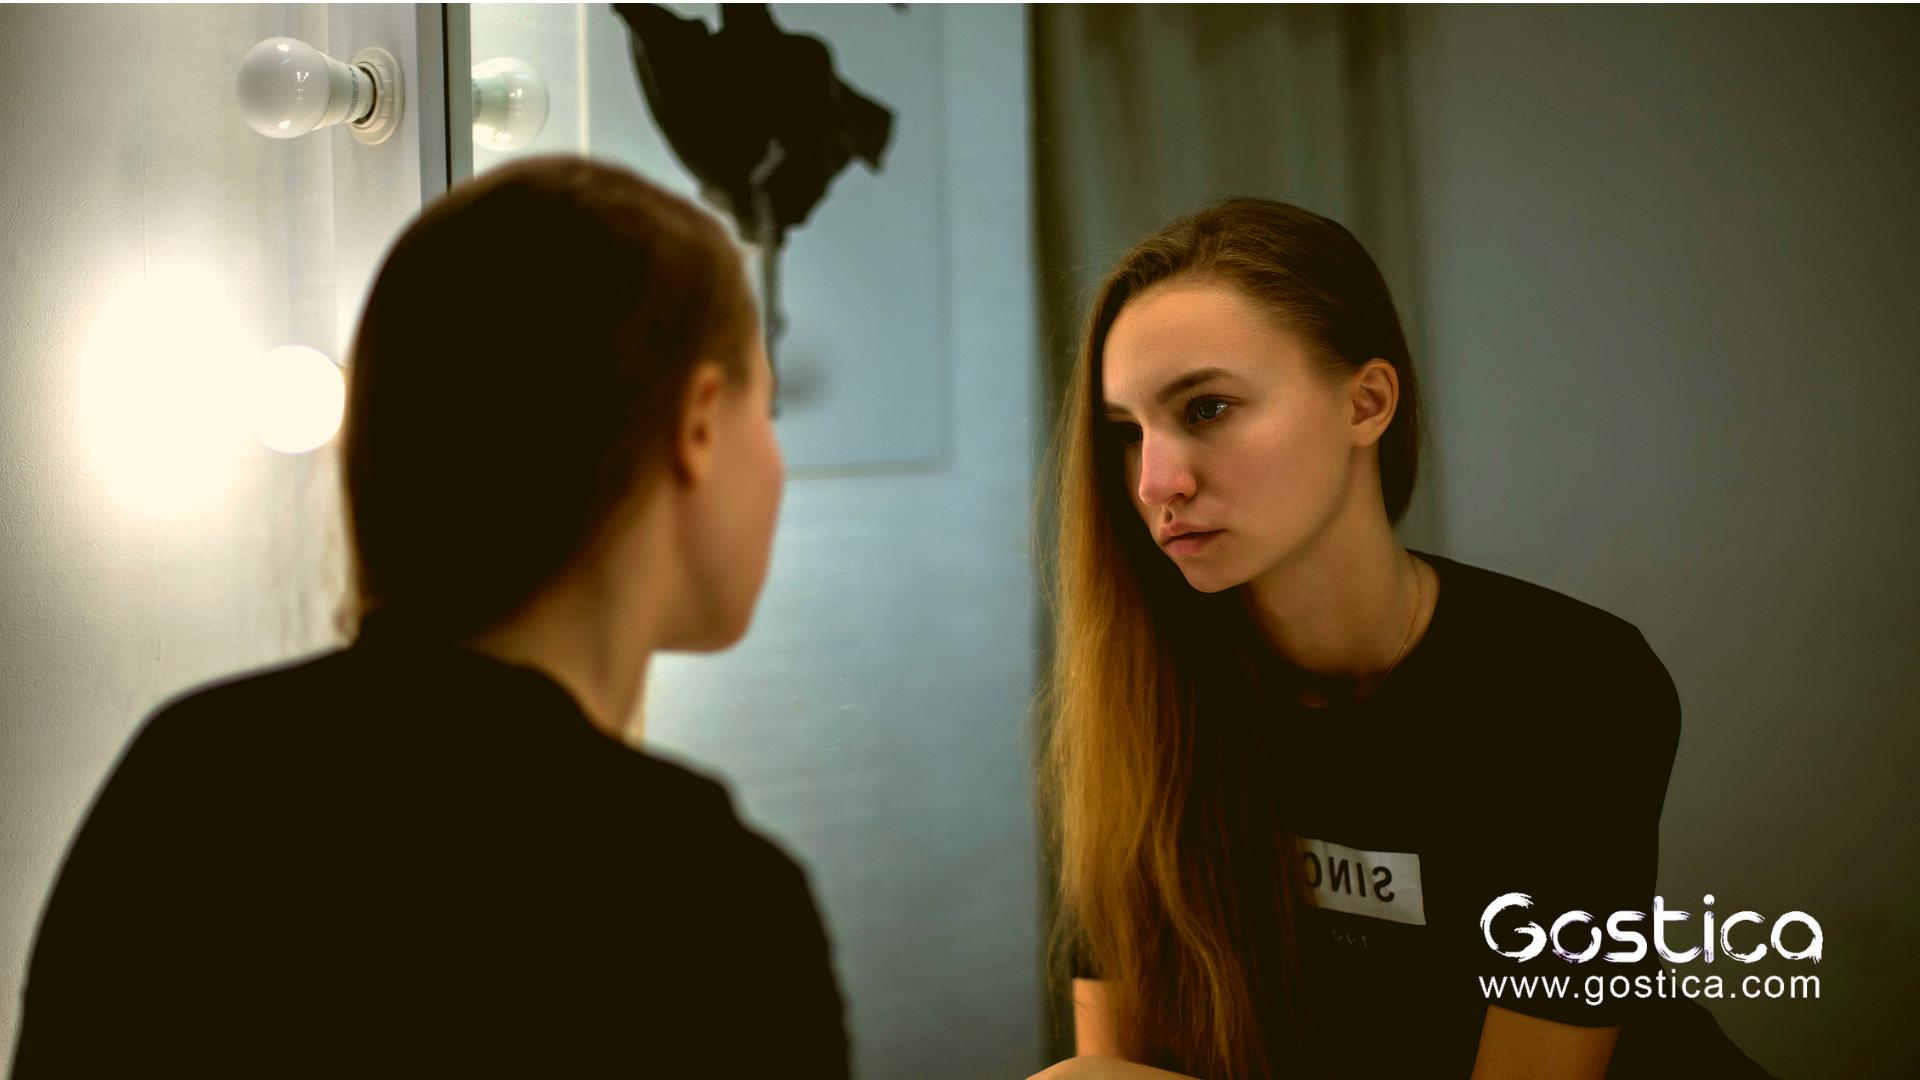 mirror meditation